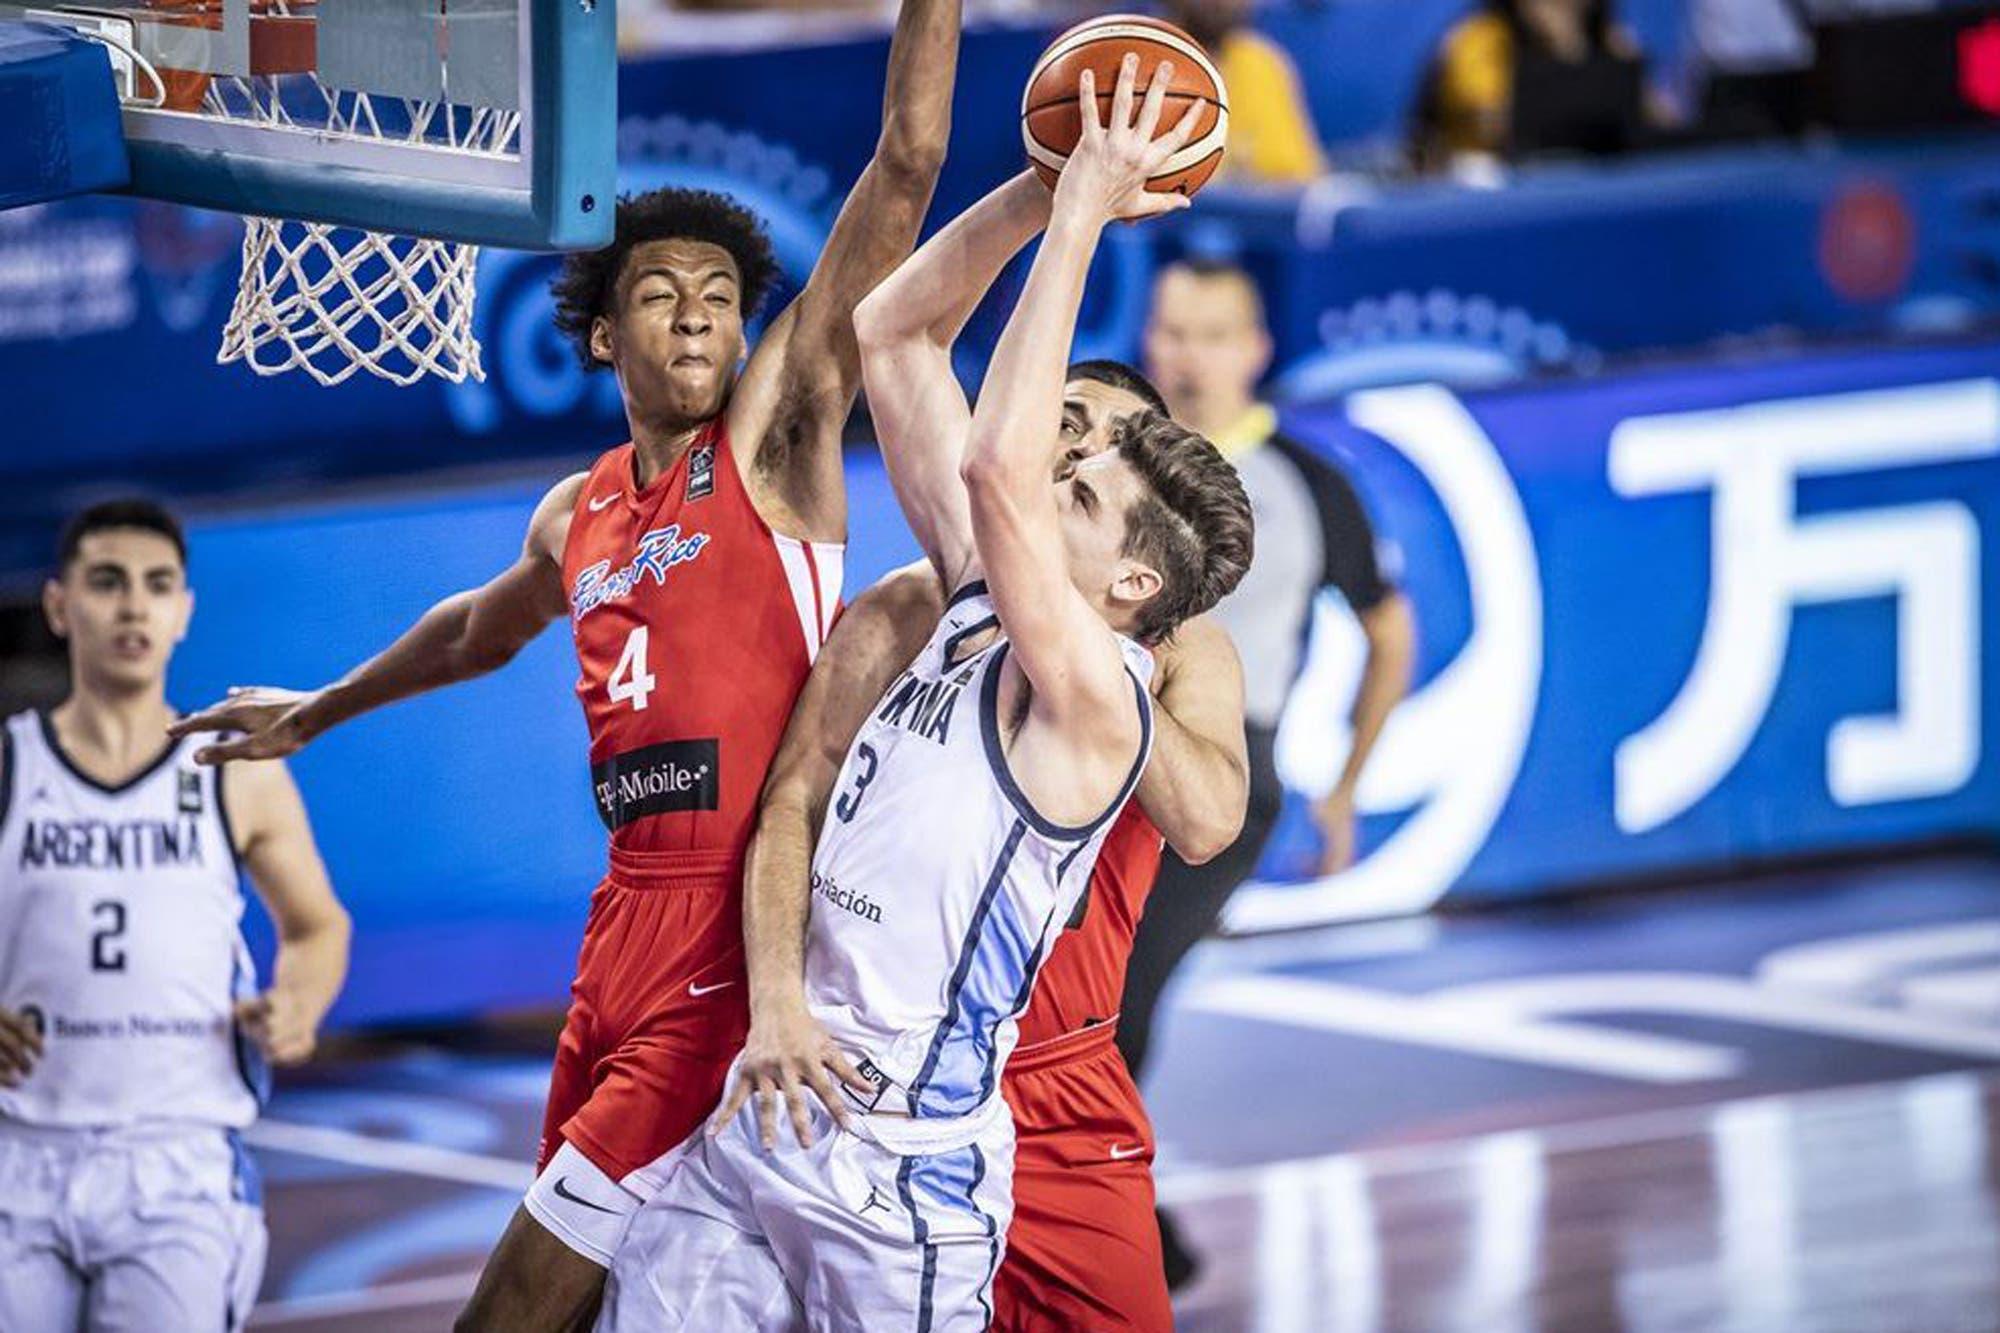 Mundial U19 de básquetbol. La Argentina tropezó con Puerto Rico en los octavos de final